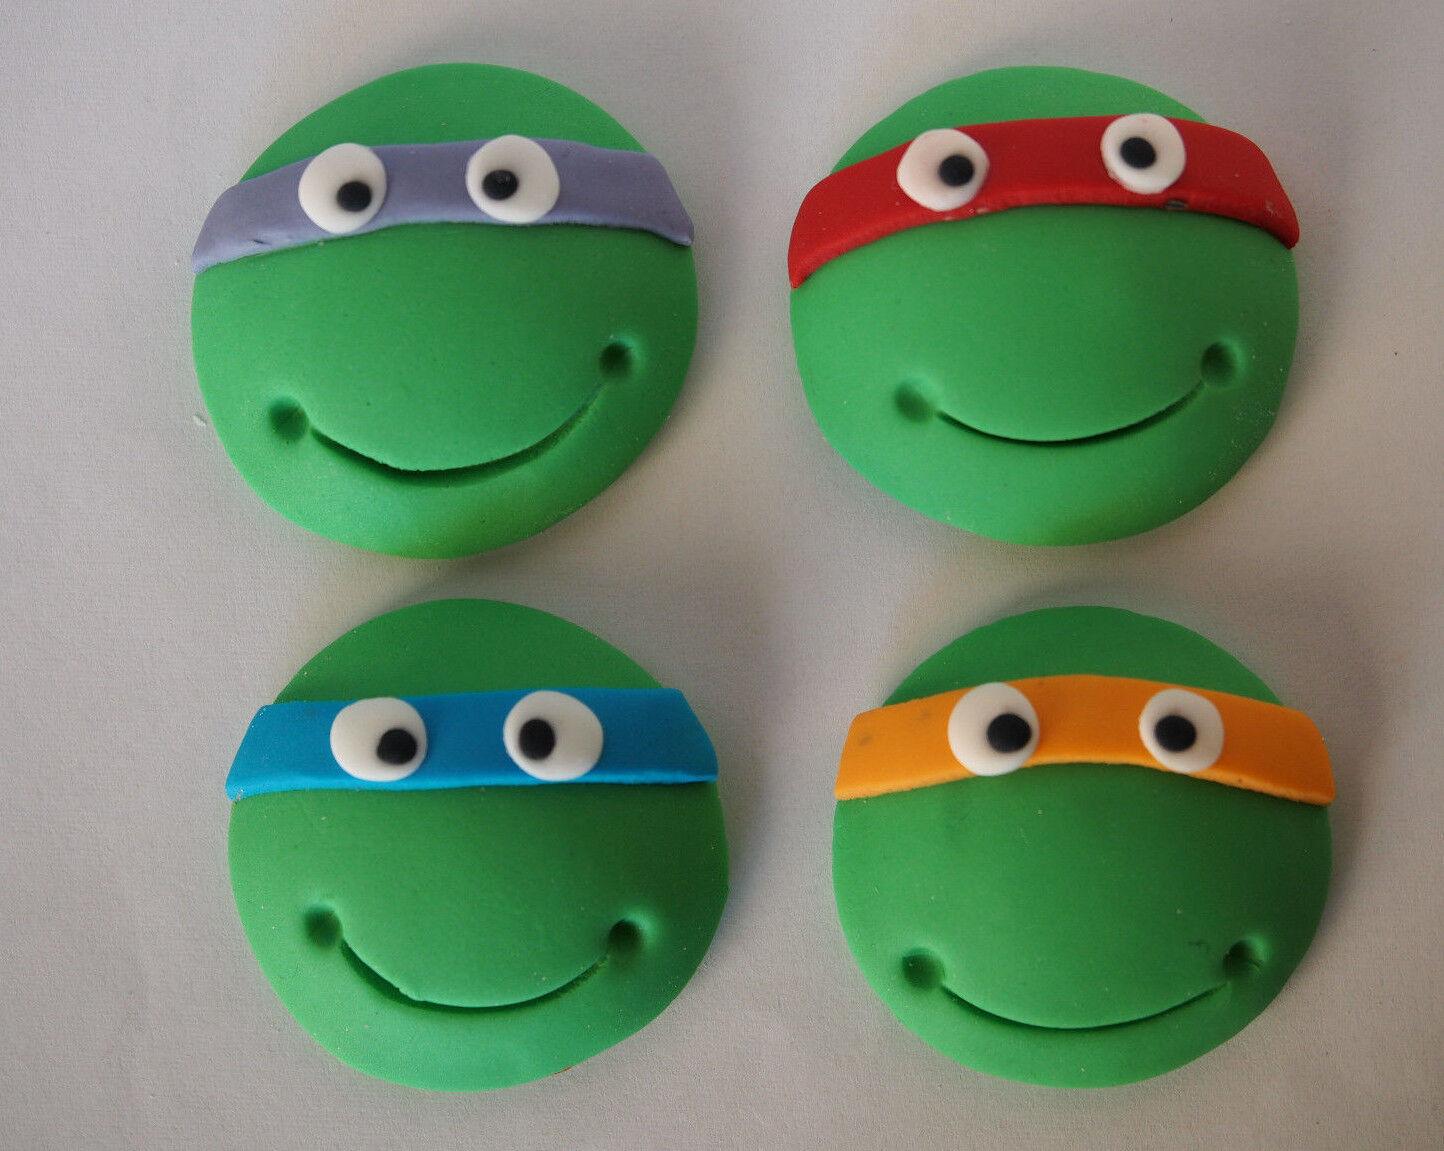 Miraculous Edible Tmnt Cupcake Toppers Teenage Mutant Ninja Turtles Birthday Funny Birthday Cards Online Necthendildamsfinfo